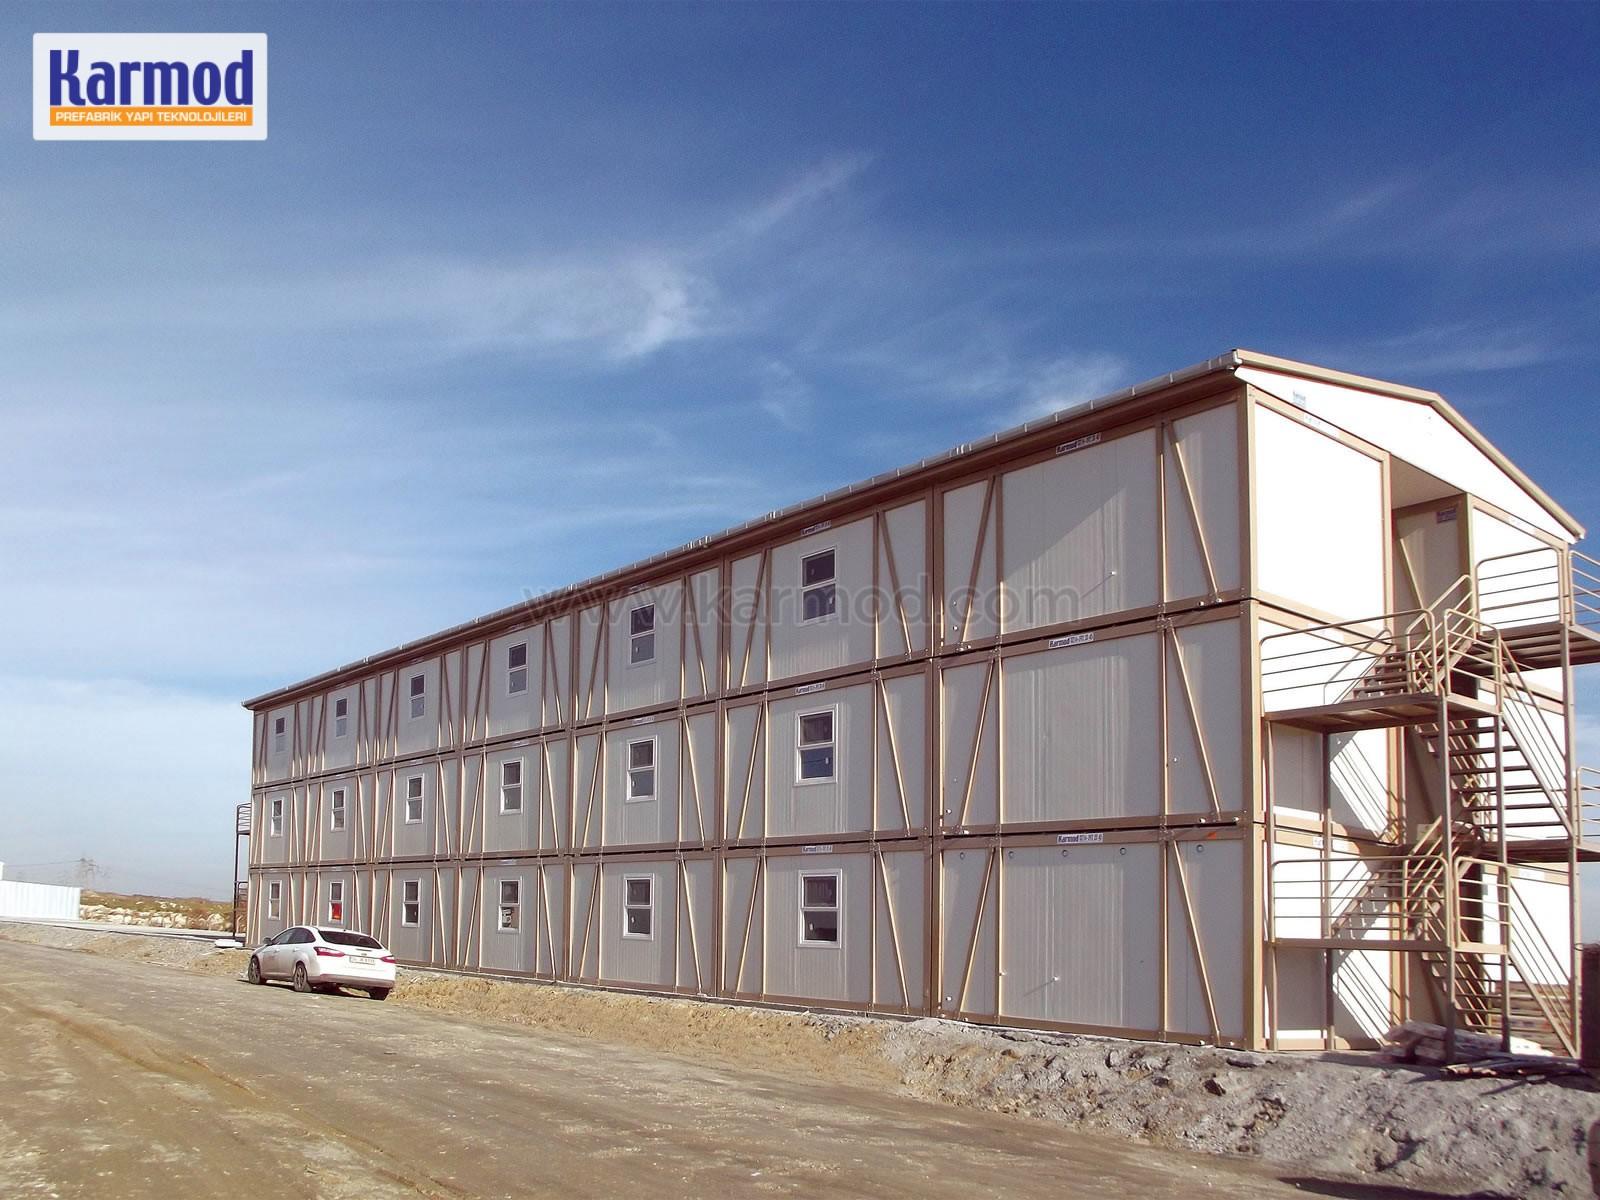 containerised modules